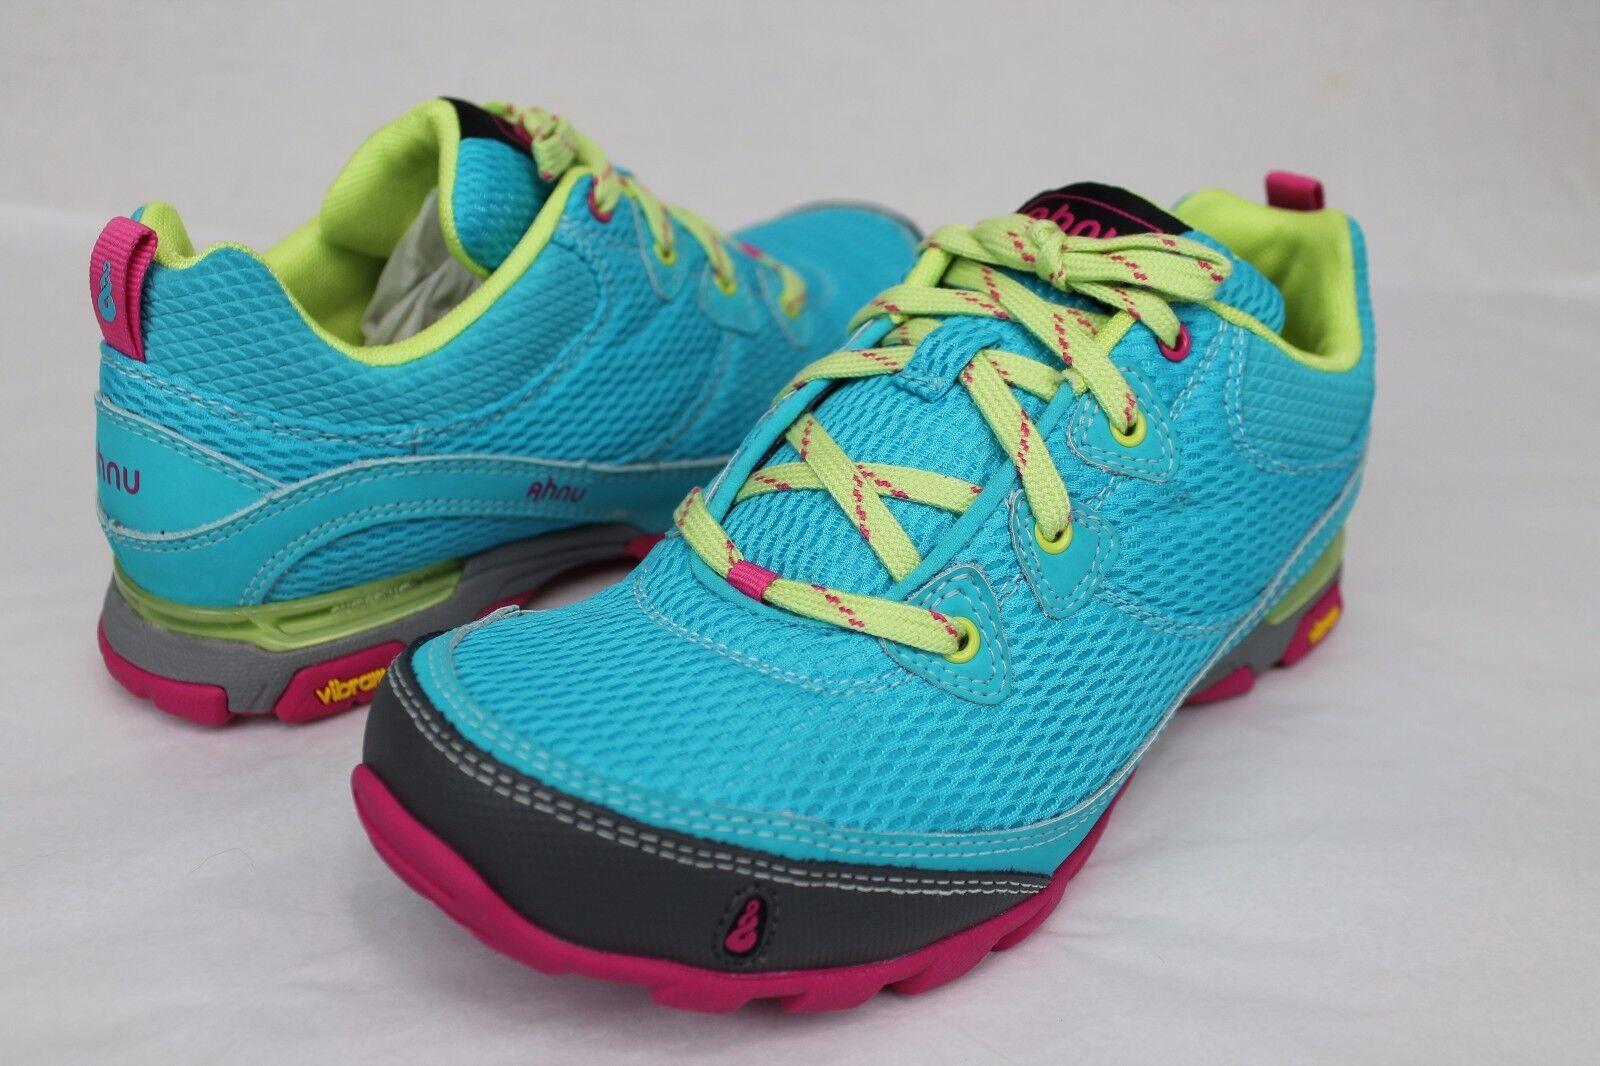 Ahnu Sugarpine Zapatillas Zapatos De Senderismo de malla de aire piedra turquesa EE. UU.